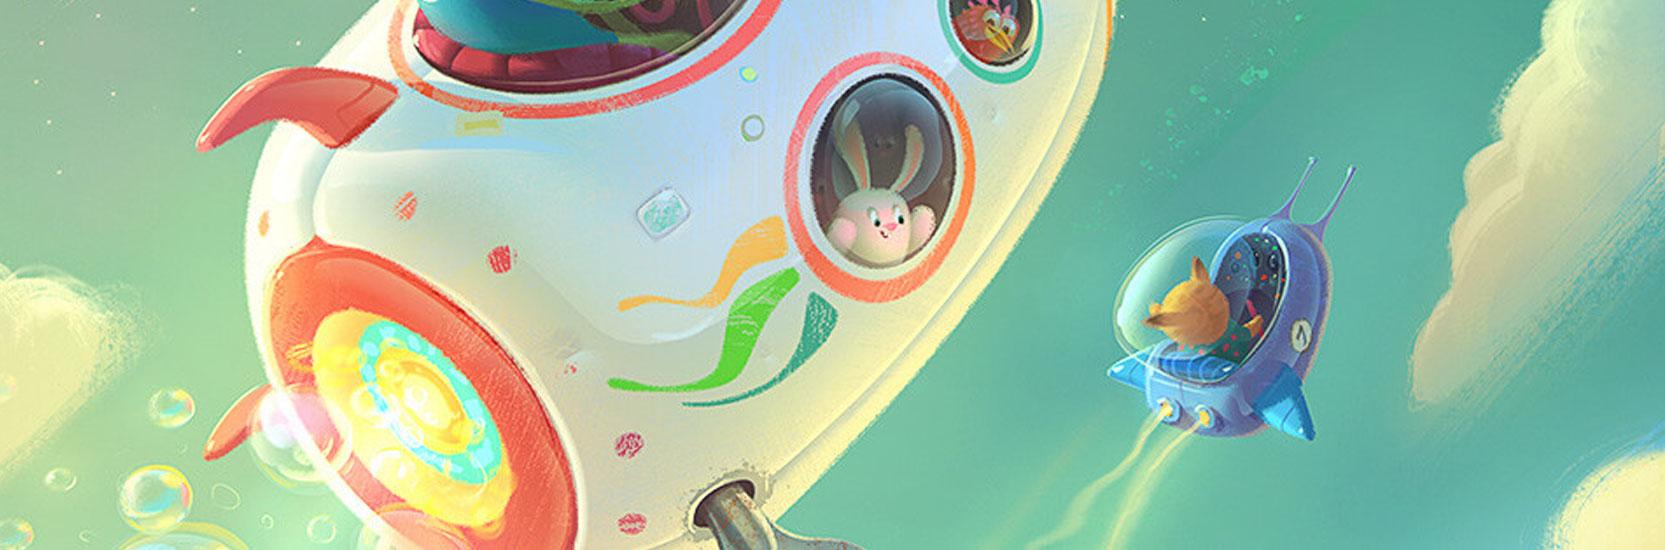 Cartoon Forum 2020 : les projets qui ont retenu notre attention